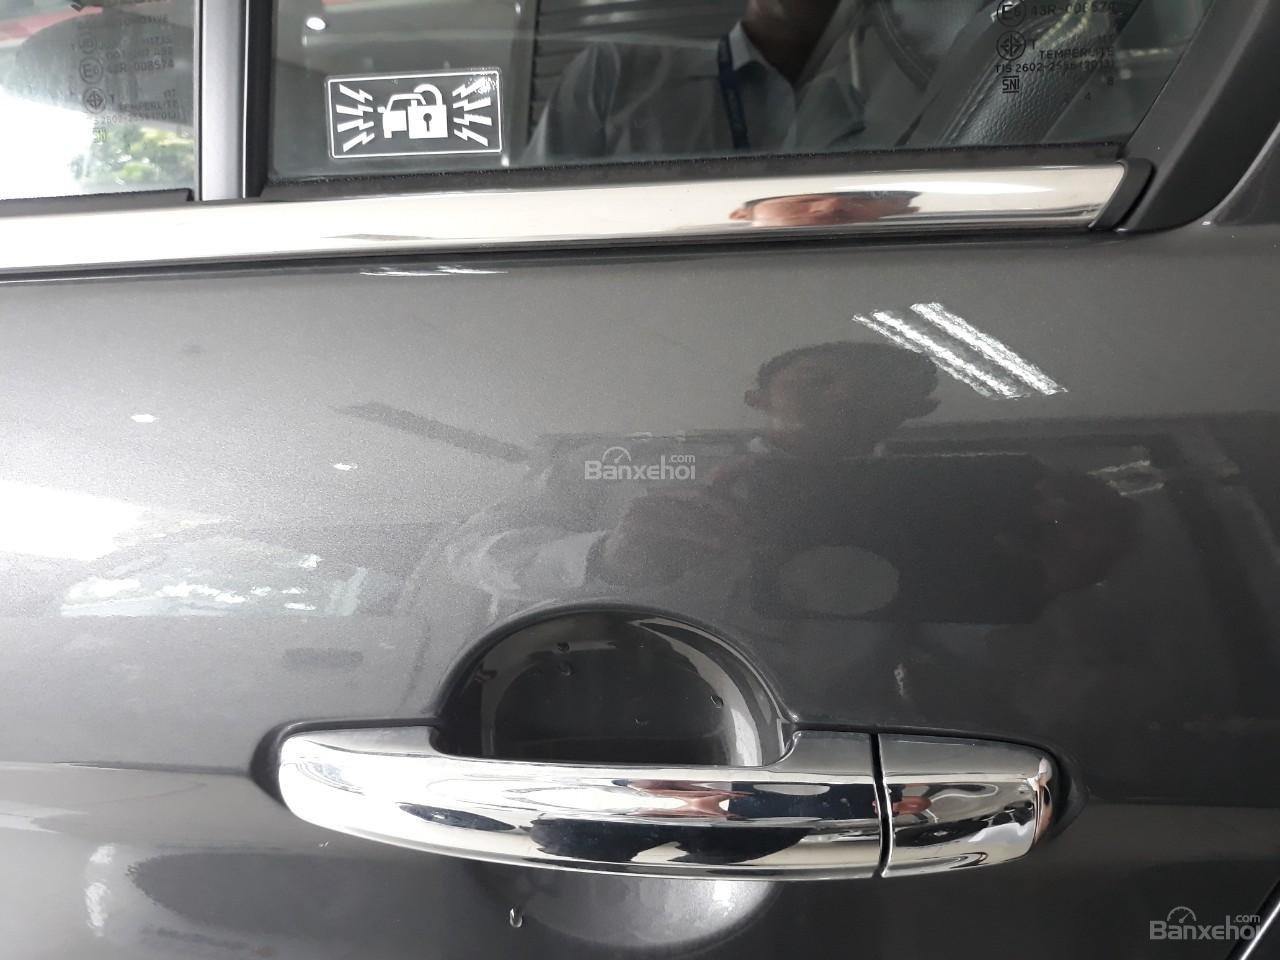 Bán Suzuki Ciaz AT 2019, nhập khẩu, thanh lịch sang trọng (7)